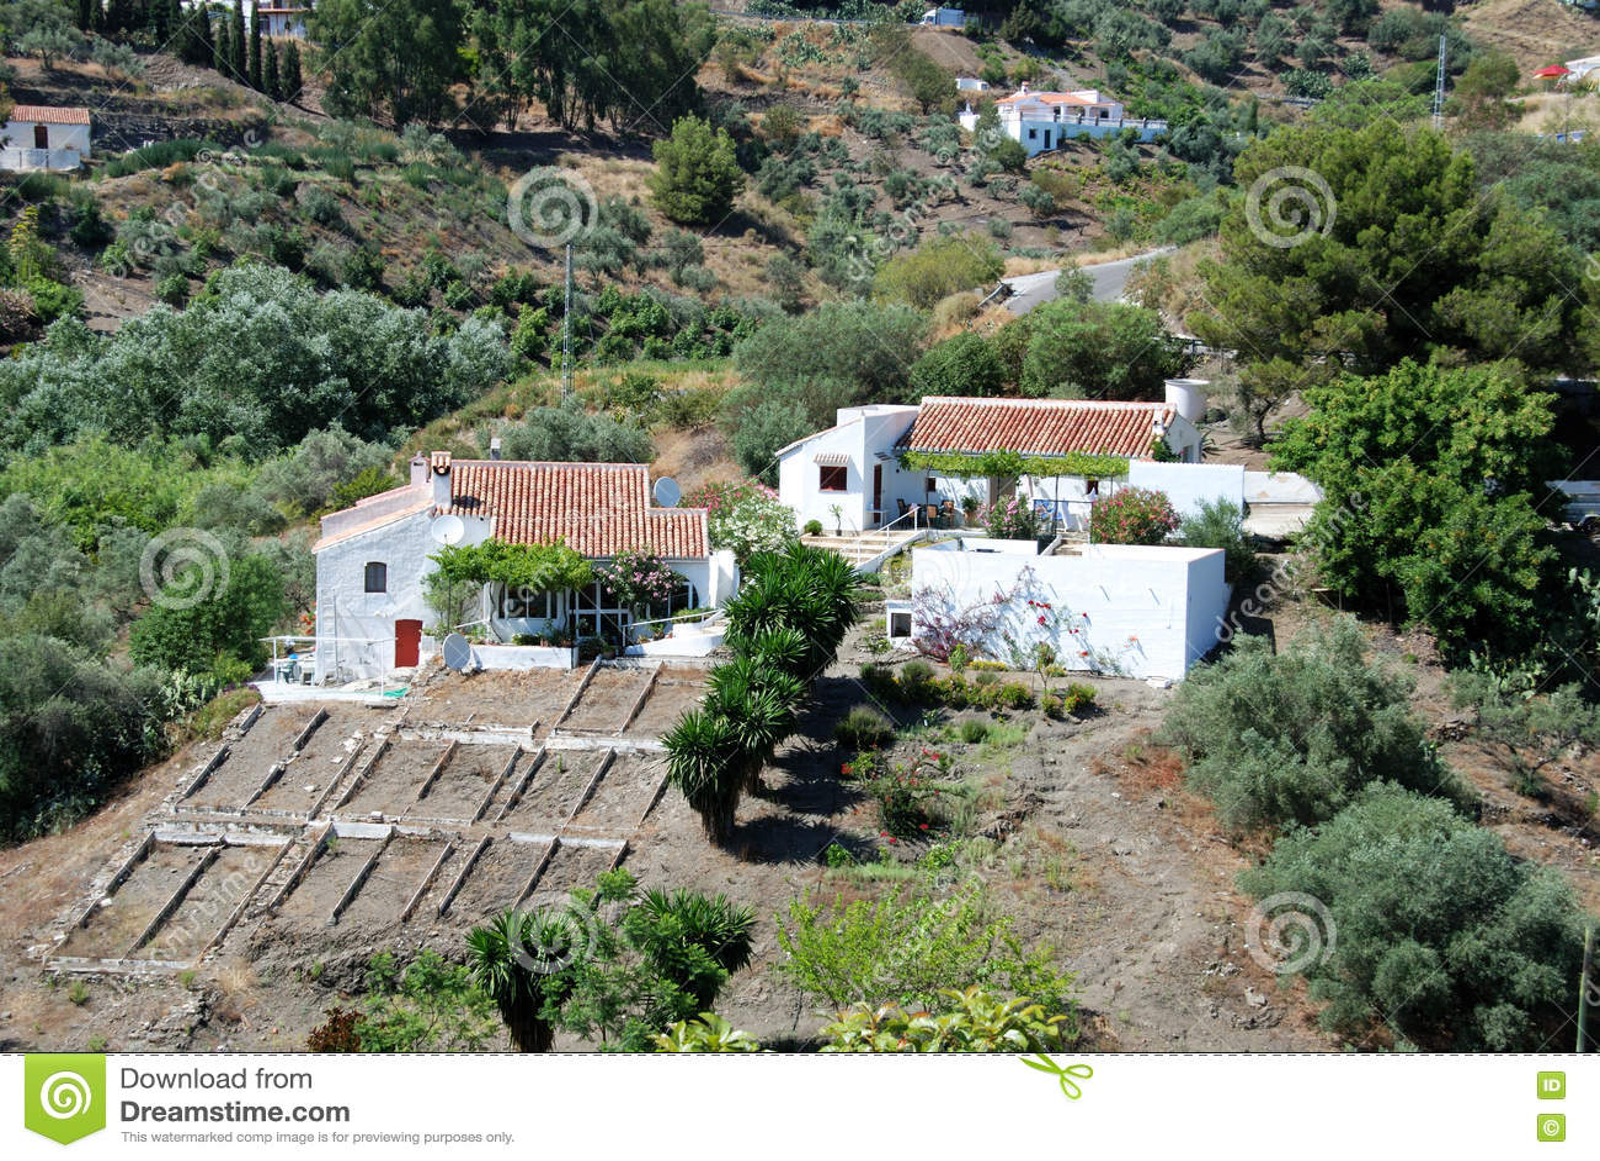 De landbouwbedrijven van het land in de bergen, Andalusia